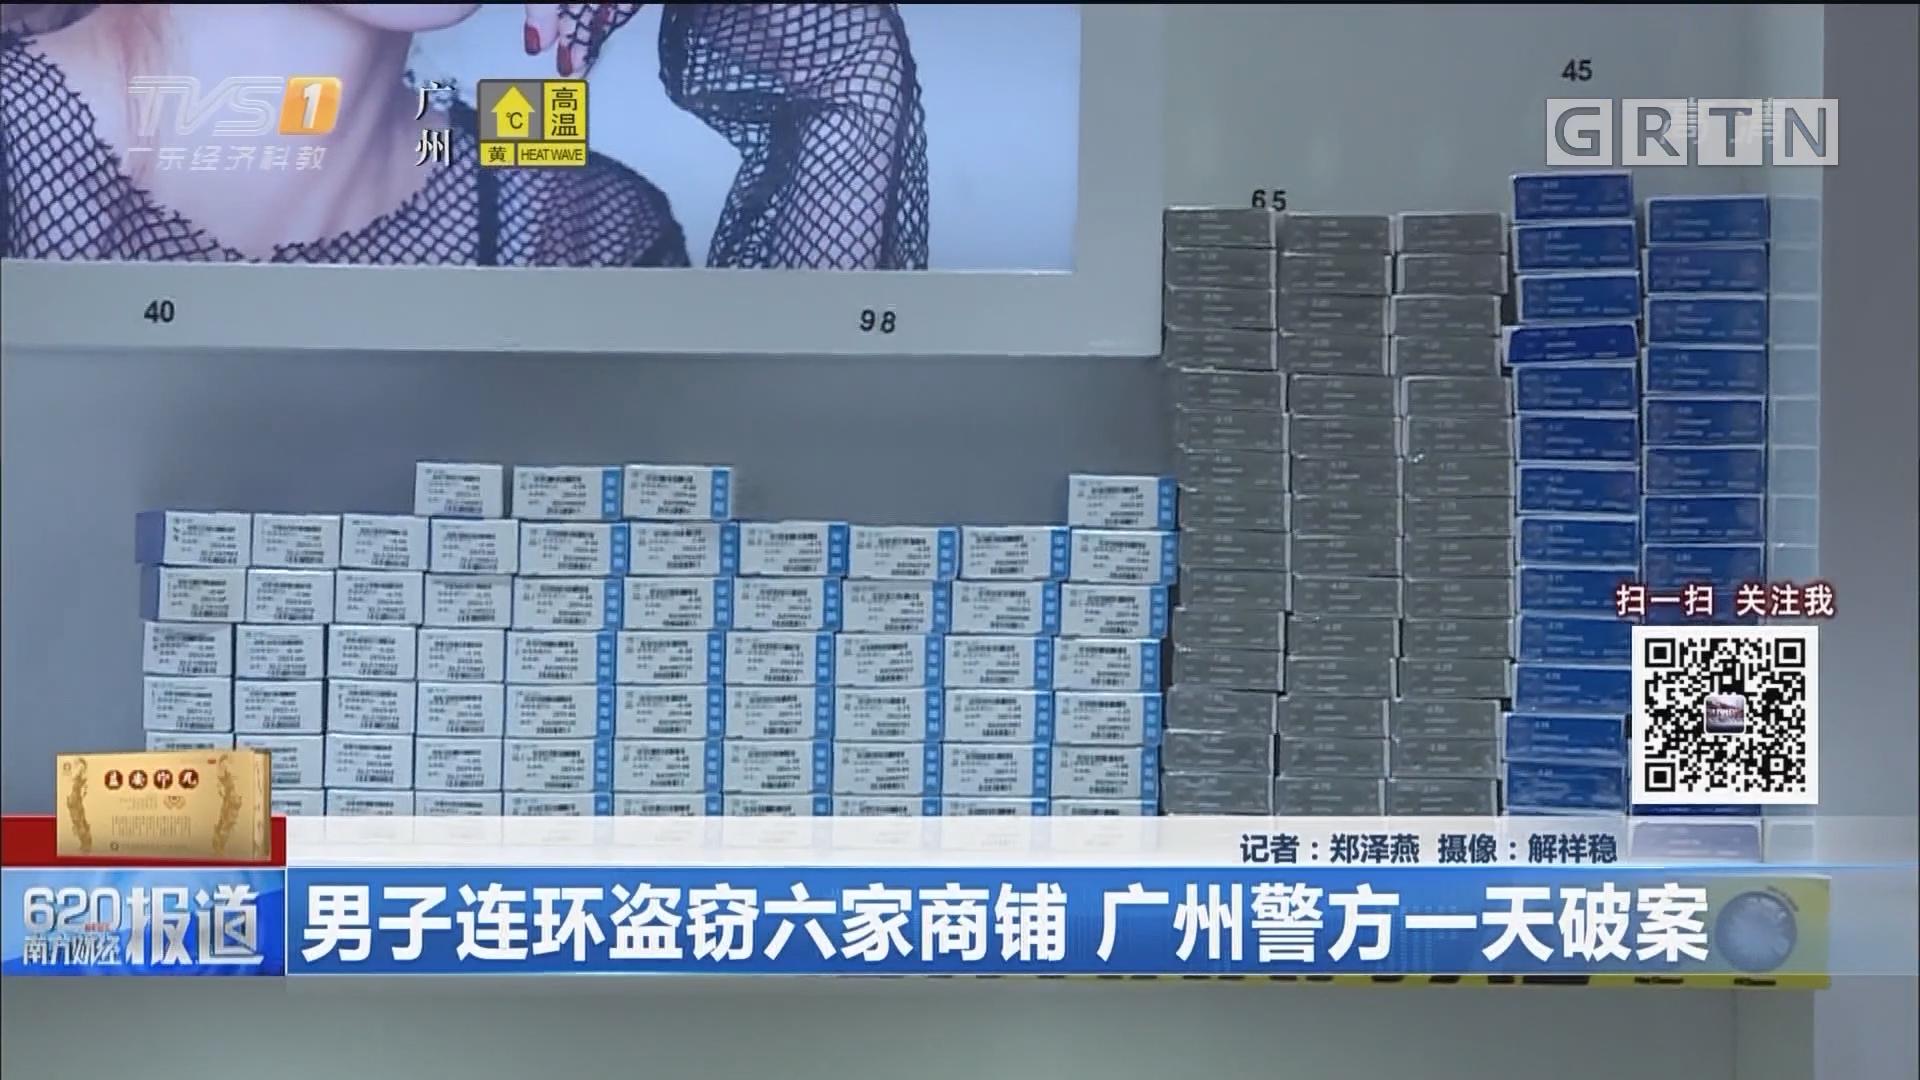 男子连环盗窃六家商铺 广州警方一天破案